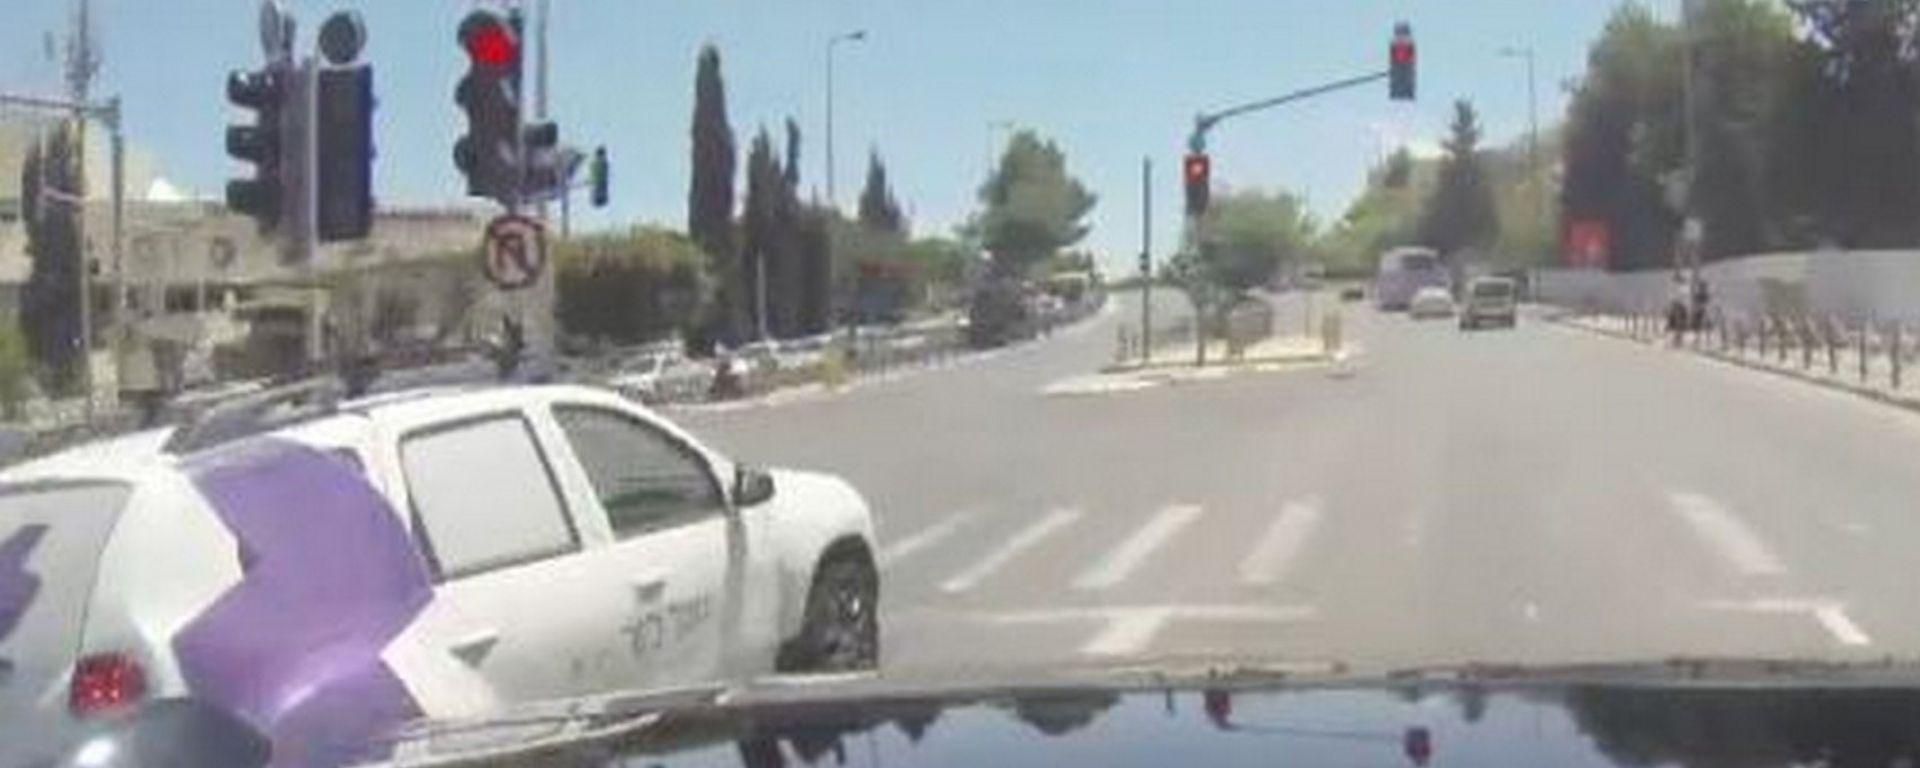 Guida autonoma, prototipo Mobileye non si ferma al semaforo rosso